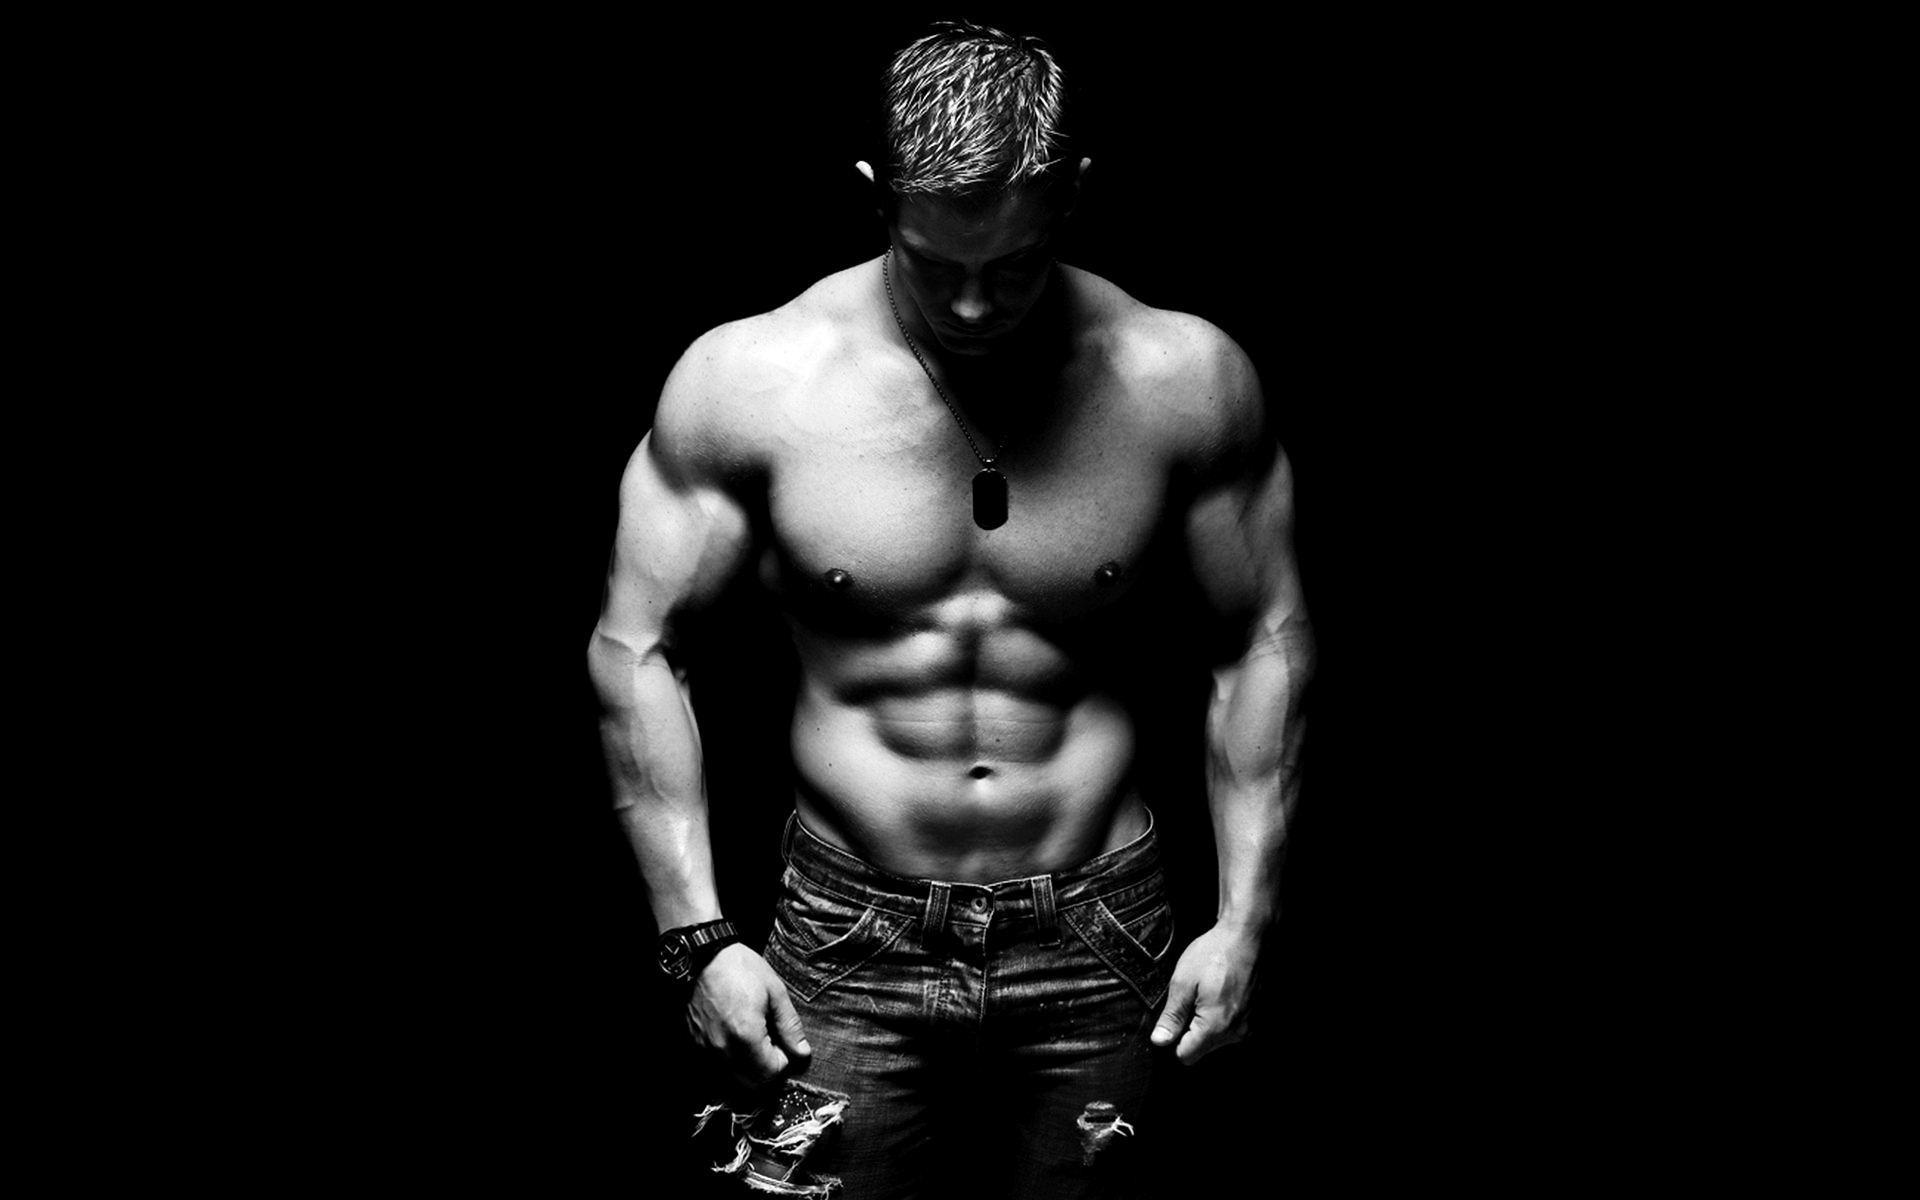 Bodybuilding Wallpapers Wallpaper Cave